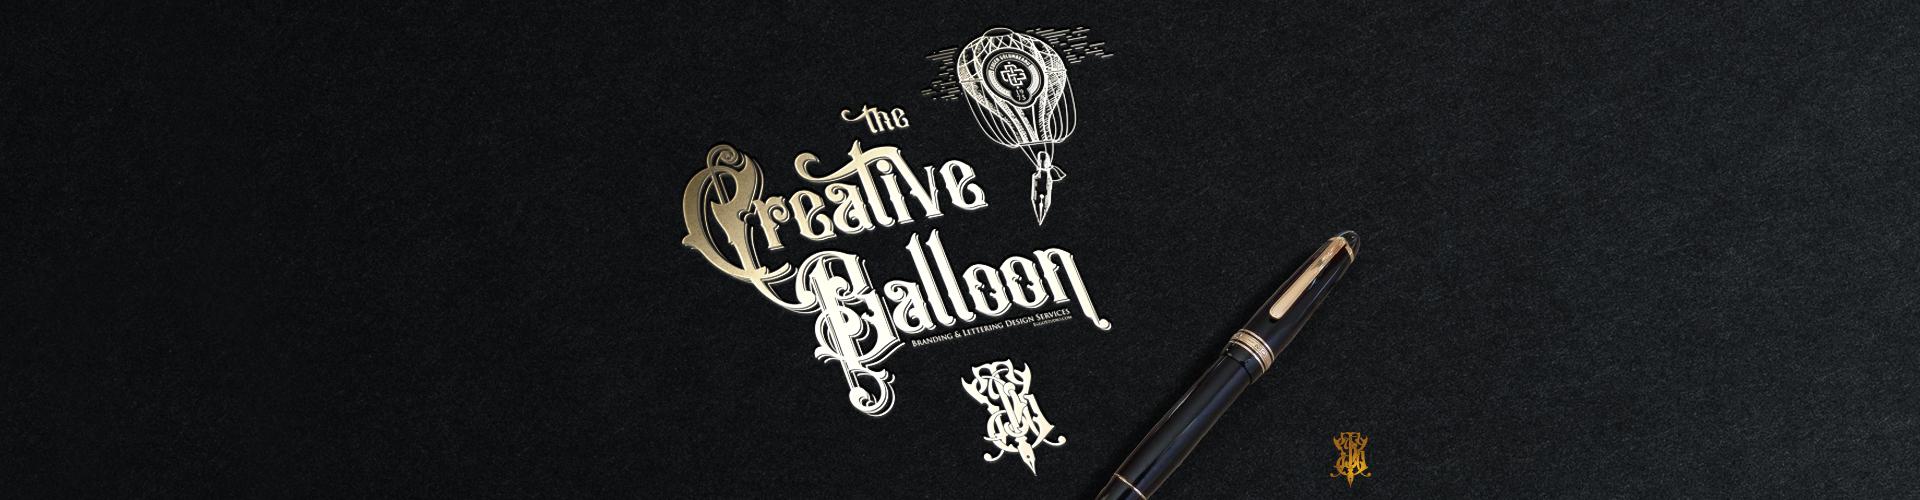 THE-CREATIVE-BALLOON-LOGO-GOLD-HEADERS